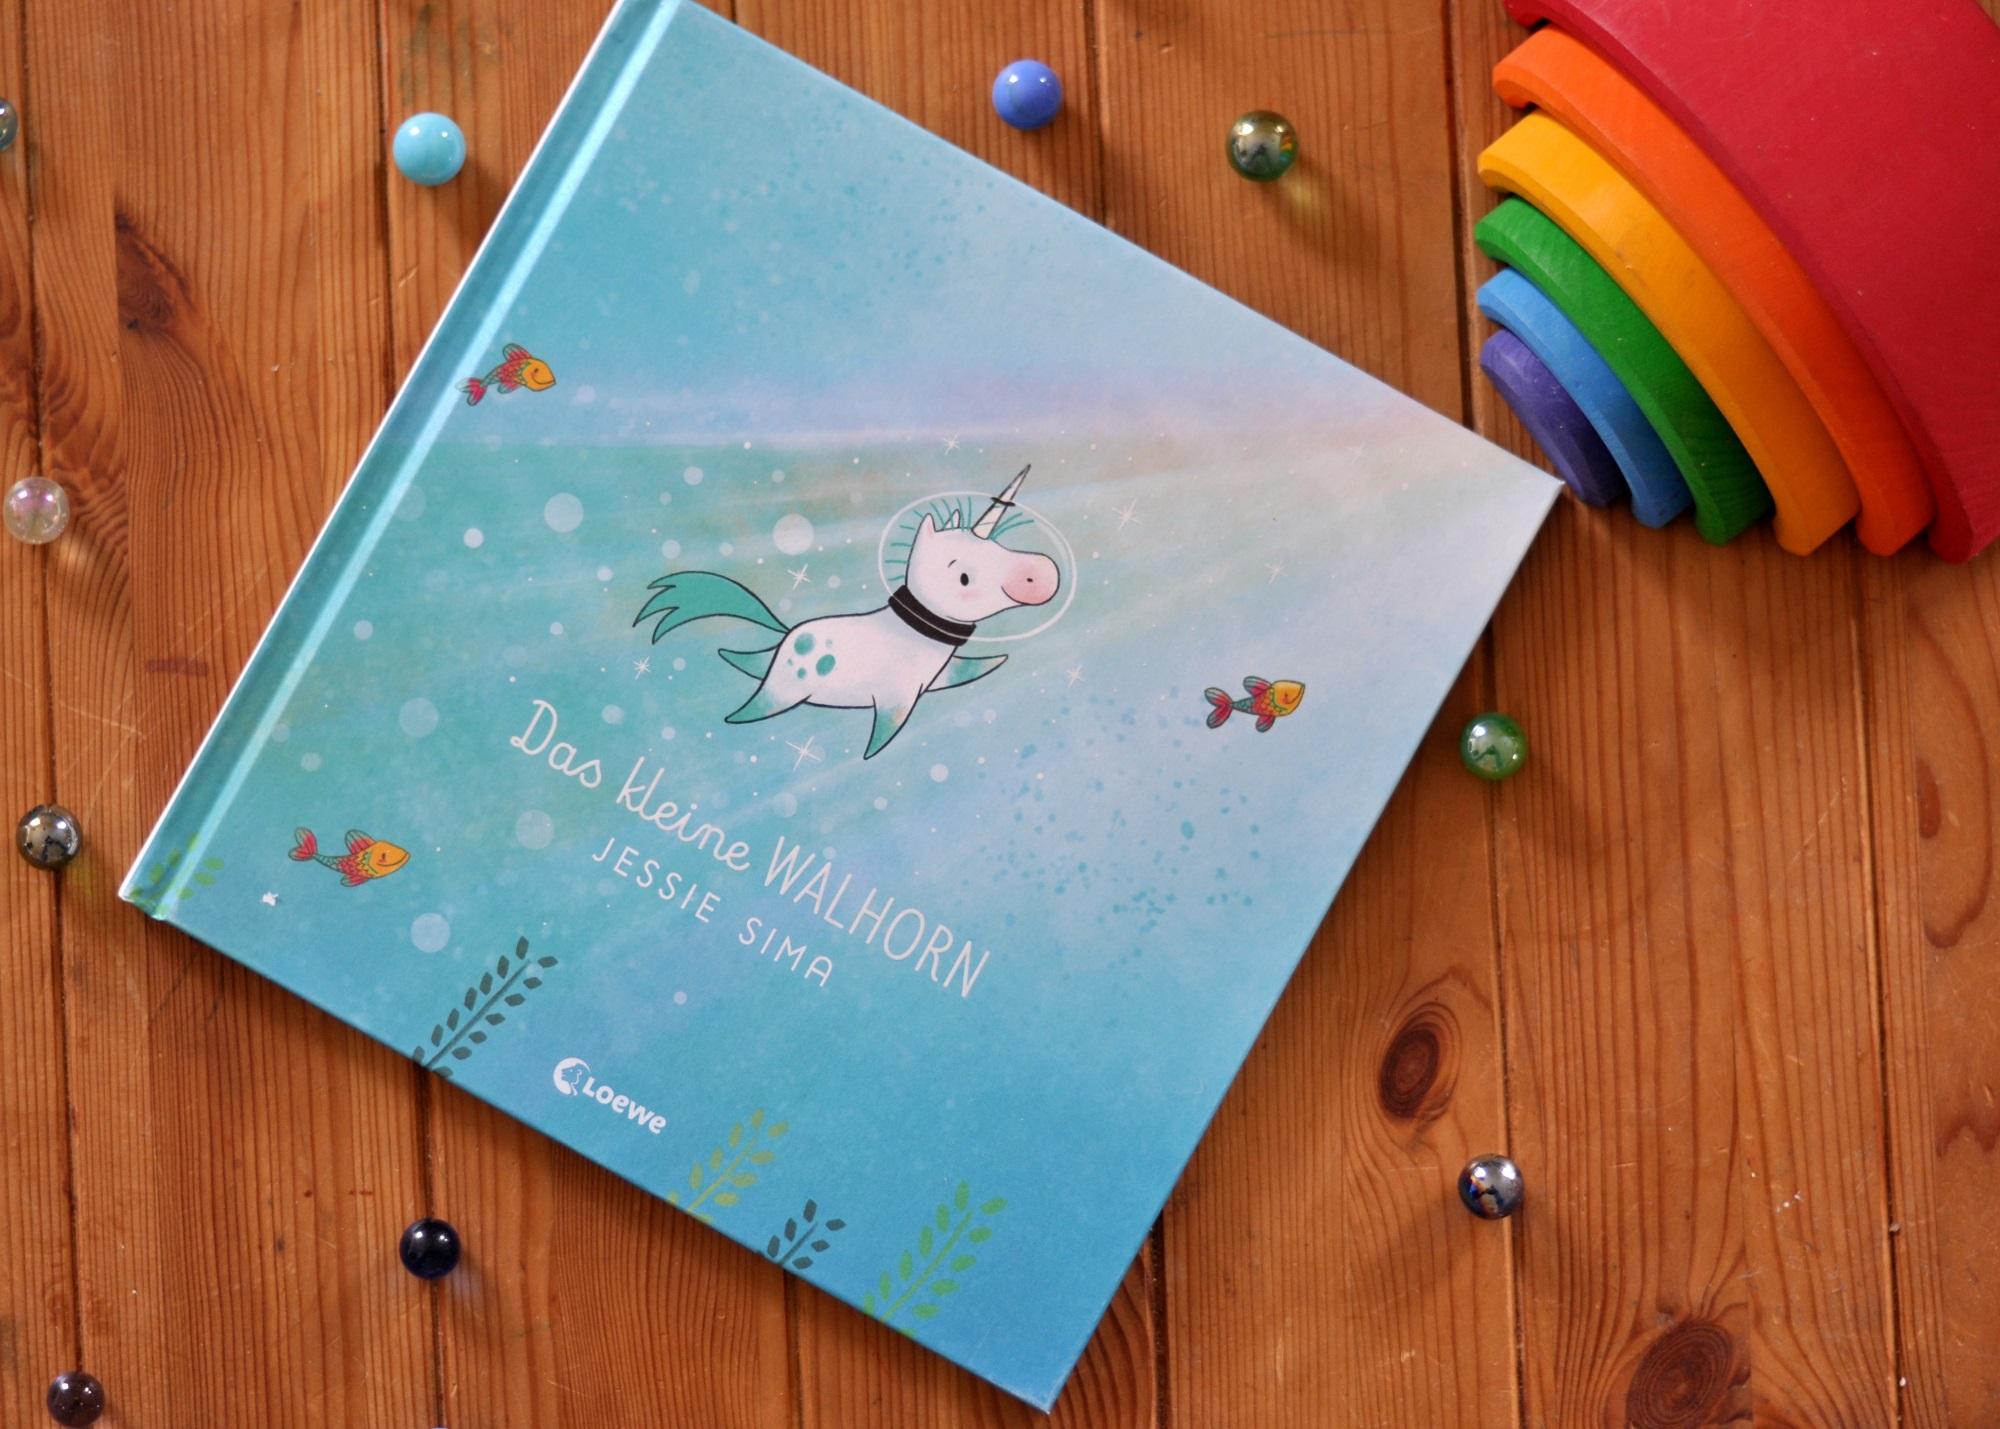 Das kleine Walhorn - Kinderbuch über die Bedeutung von Familie ab 4 Jahren - Rezension auf Mutter&Söhnchen